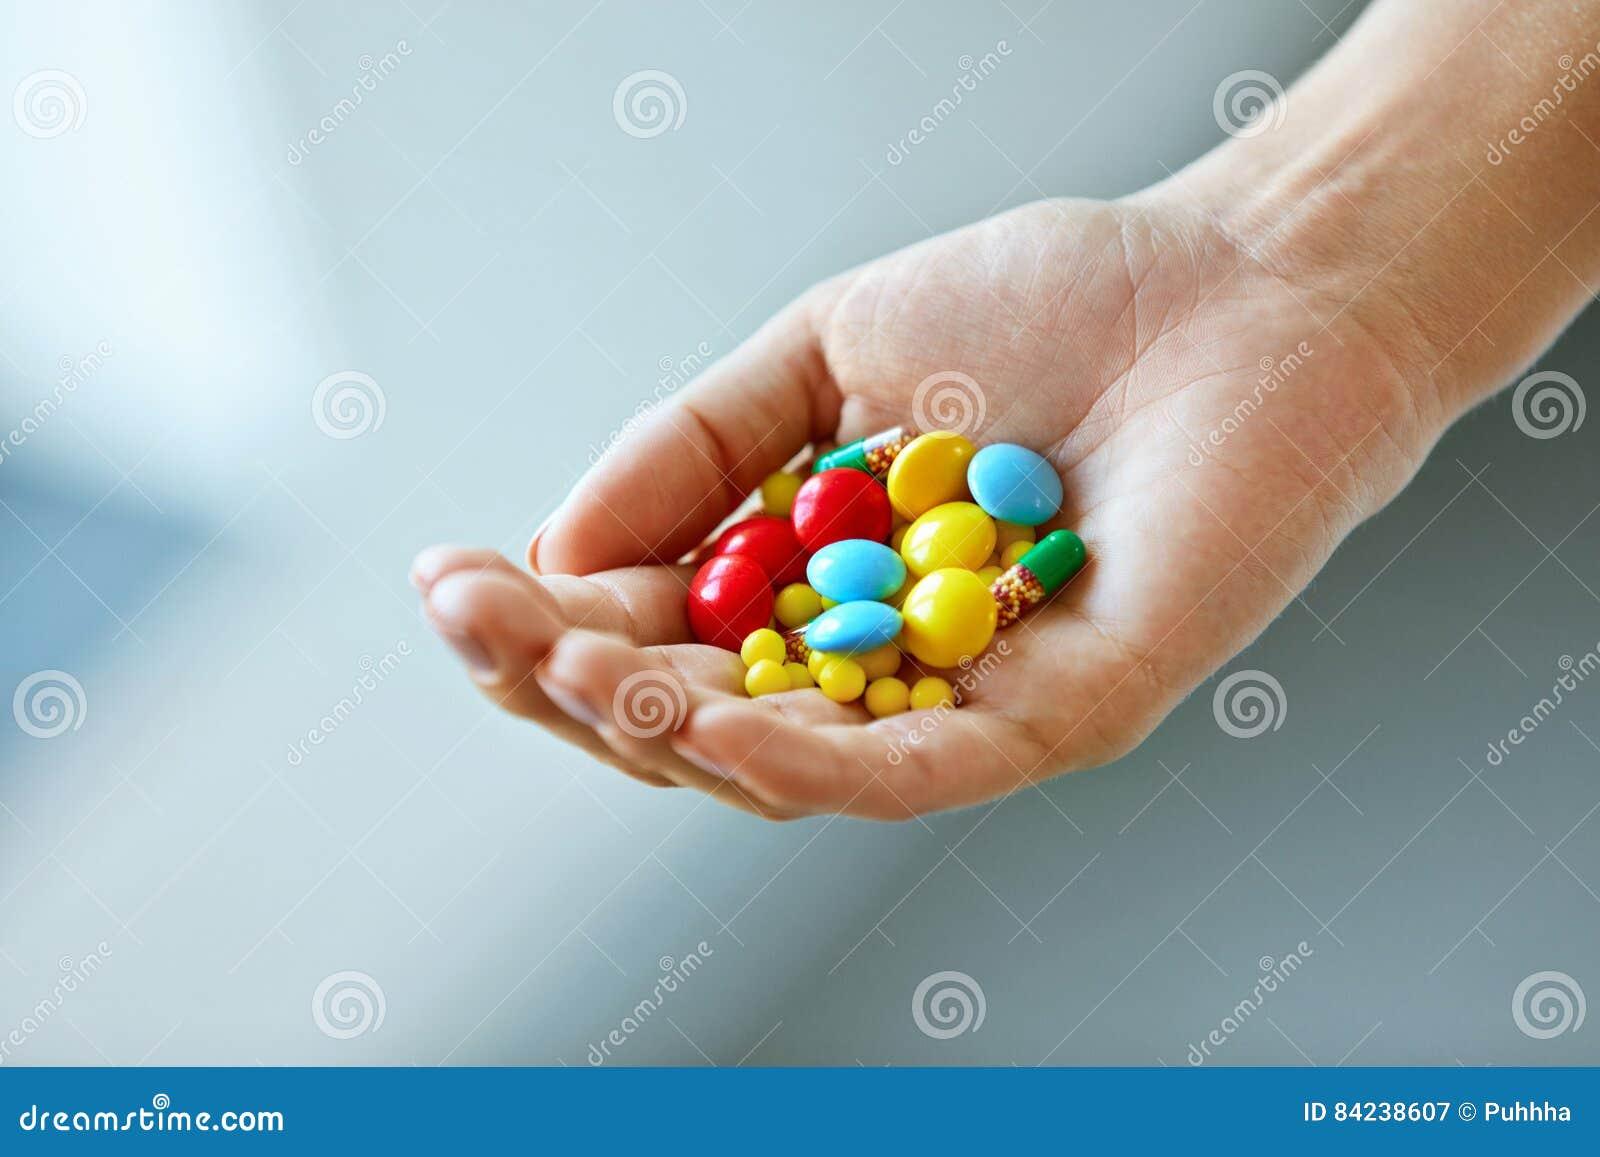 Vitamine und Ergänzungen Weibliche Hand mit bunten Pillen